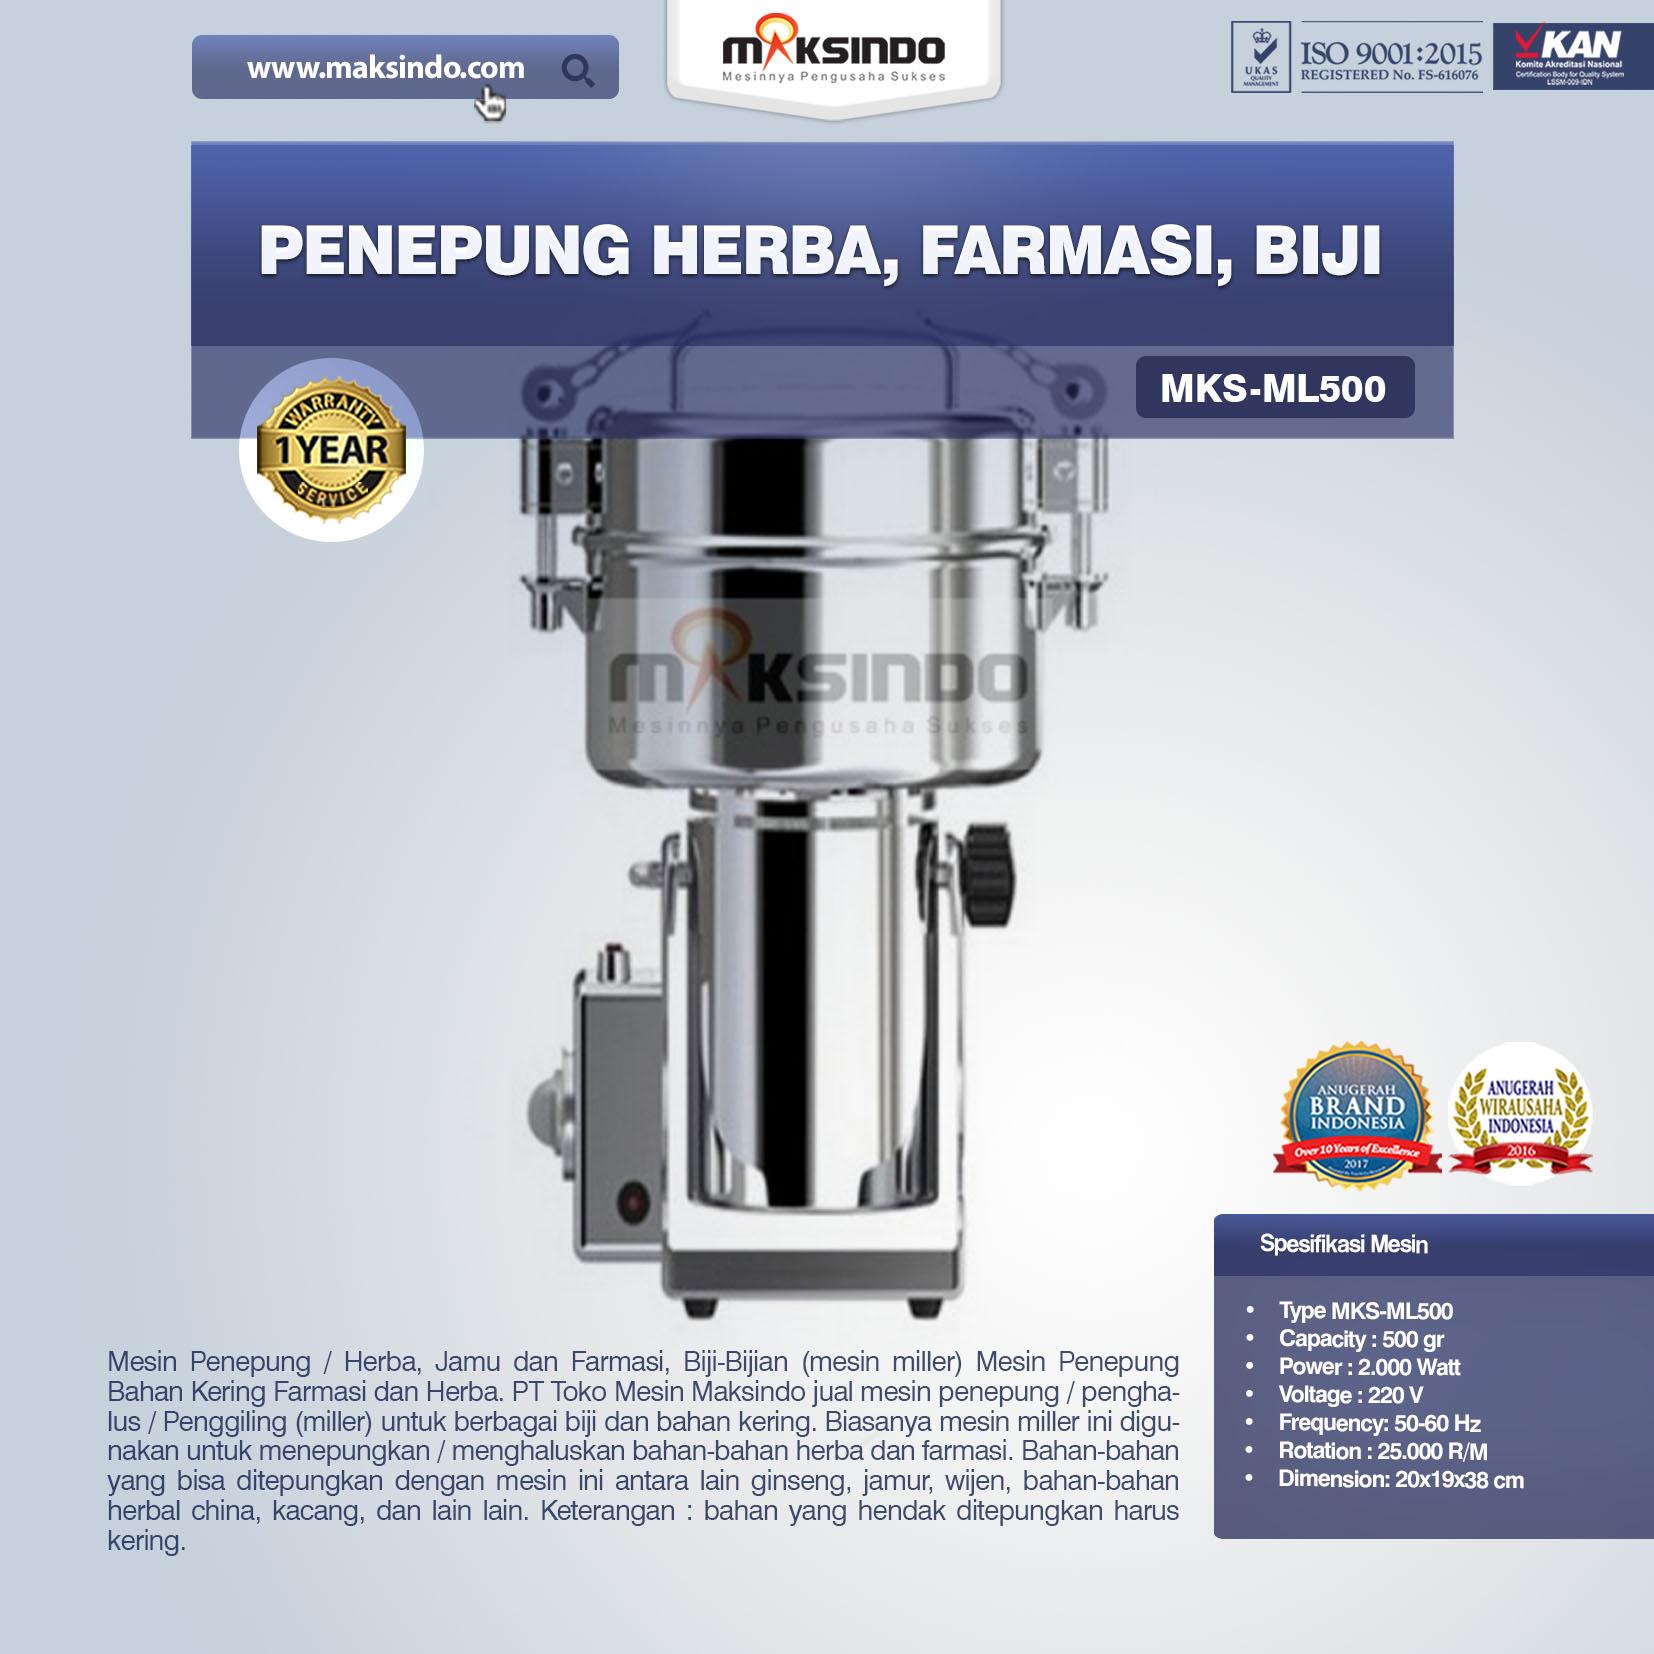 Jual Penepung Herba, Farmasi, Biji (ML500) di Malang